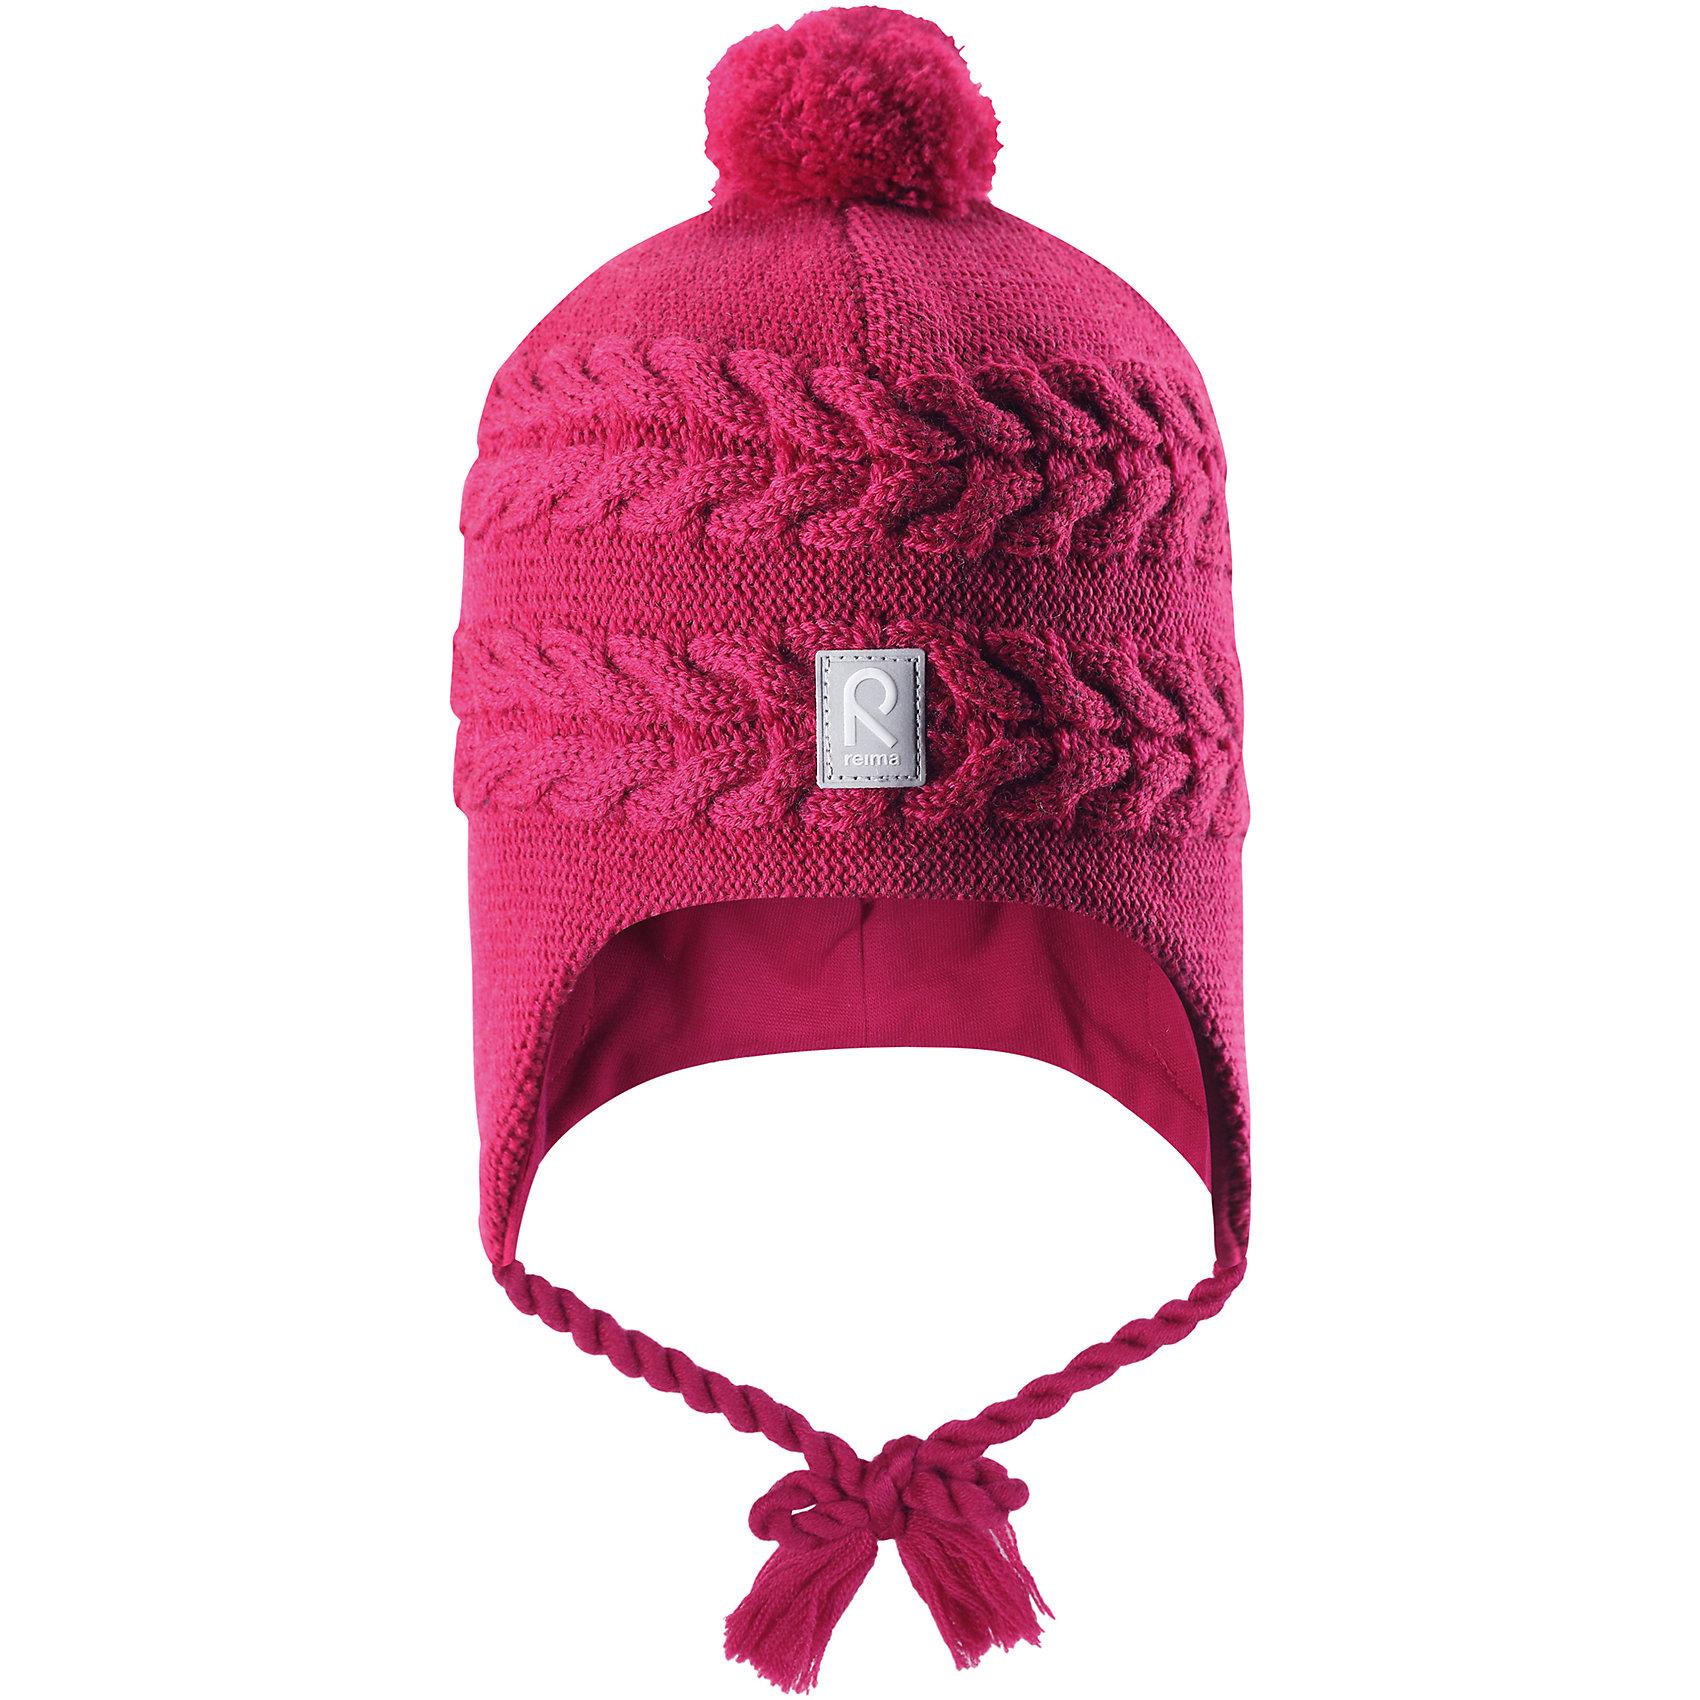 Шапка Reima Hiutale для девочкиГоловные уборы<br>Характеристики товара:<br><br>• цвет: фуксия;<br>• состав: 100% шерсть;<br>• подкладка: 97% хлопок, 3% эластан;<br>• температурный режим: от 0 до -20С;<br>• сезон: зима; <br>• особенности модели: вязаная, шерстяная;<br>• мягкая ткань из мериносовой шерсти для поддержания идеальной температуры;<br>• ветронепроницаемые вставки в области ушей;<br>• сплошная подкладка: гладкий хлопковый трикотаж;<br>• шапка на завязках, сверху помпон;<br>• логотип Reima спереди;<br>• страна бренда: Финляндия;<br>• страна изготовитель: Китай.<br><br>Красивая шерстяная шапка для малышей станет отличным вариантом на зимние холода! Шапка связана из мериносовой шерсти и снабжена уютной и мягкой трикотажной подкладкой. Ветронепроницаемые вставки защищают ушки в ветреную погоду, а завязки-косички, структурная вязка и веселый помпон довершают образ.<br><br>Шапку Hiutale для девочки Reima от финского бренда Reima (Рейма) можно купить в нашем интернет-магазине.<br><br>Ширина мм: 89<br>Глубина мм: 117<br>Высота мм: 44<br>Вес г: 155<br>Цвет: розовый<br>Возраст от месяцев: 60<br>Возраст до месяцев: 72<br>Пол: Женский<br>Возраст: Детский<br>Размер: 52,46,48,50<br>SKU: 6907116